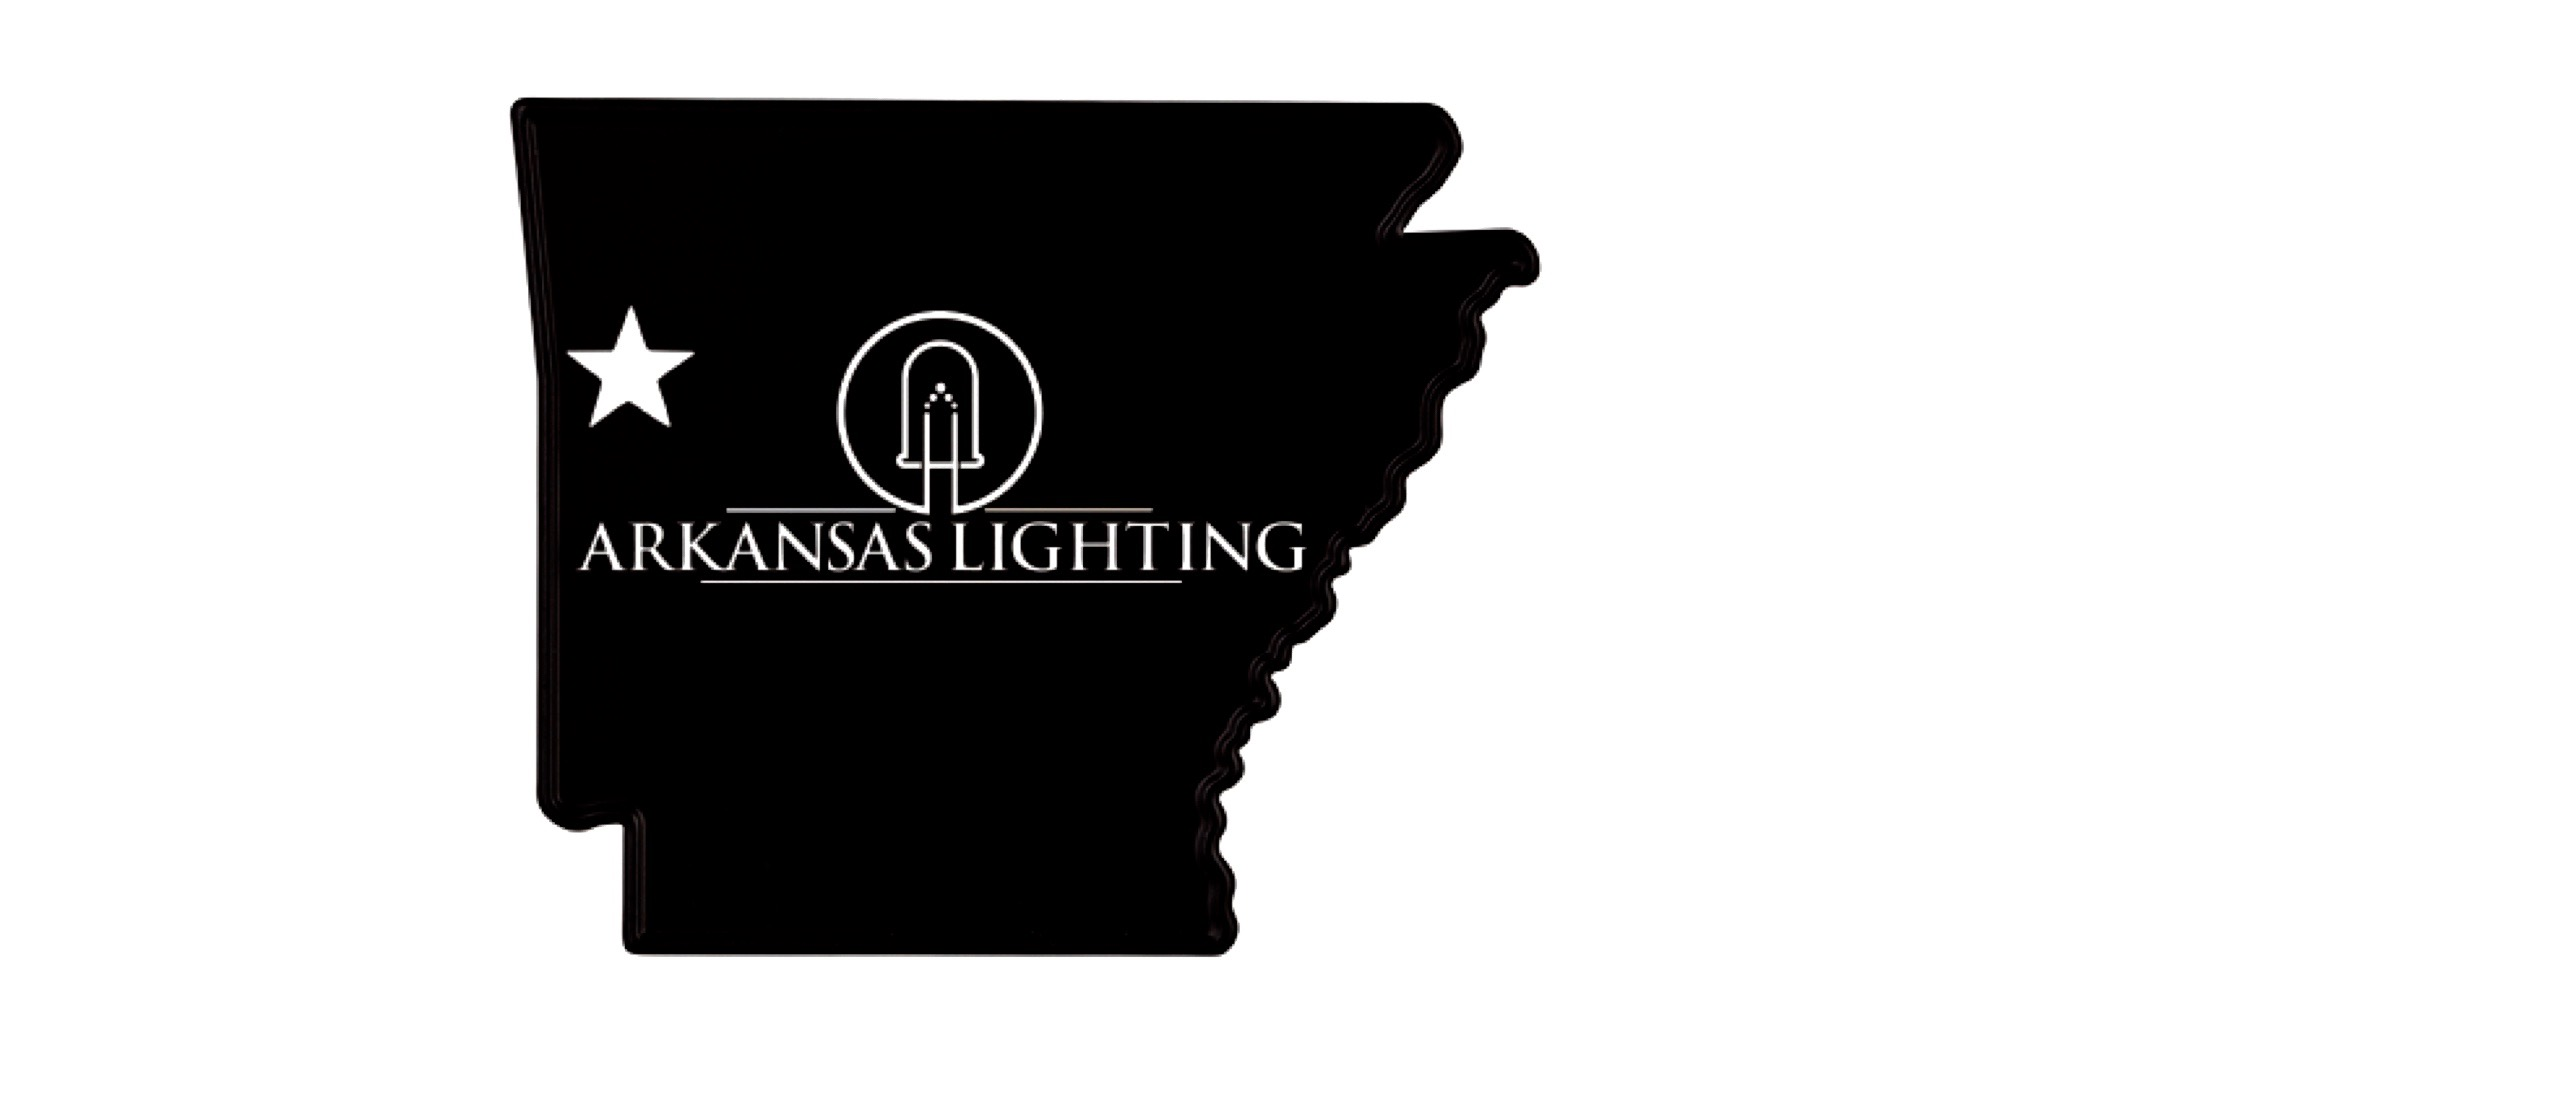 Van Buren Based Lighting Manufacturer Expands With